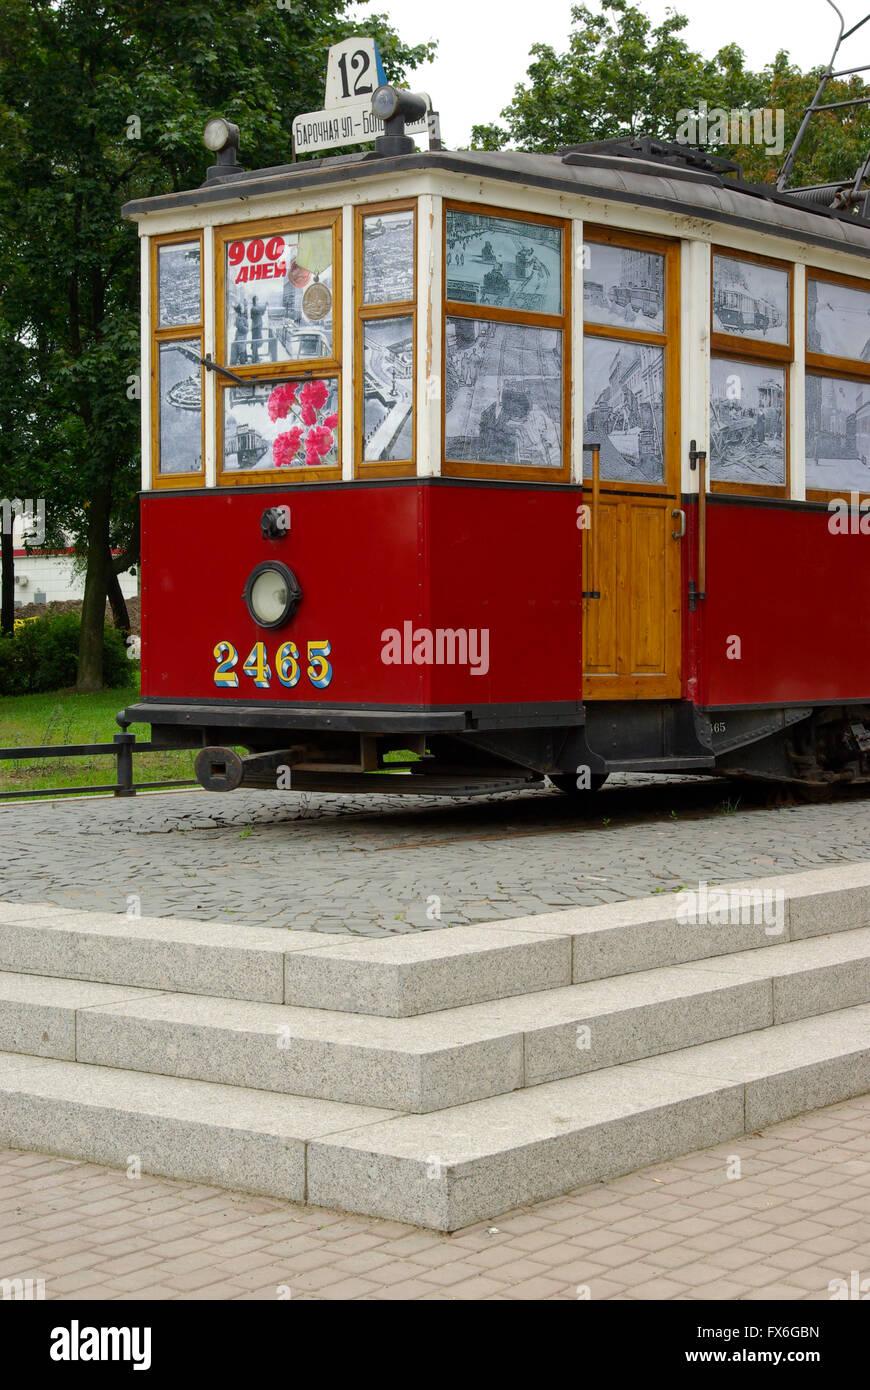 Saint-pétersbourg. Monument 'tram' blocus sur Prospect des grèves. Photo Stock